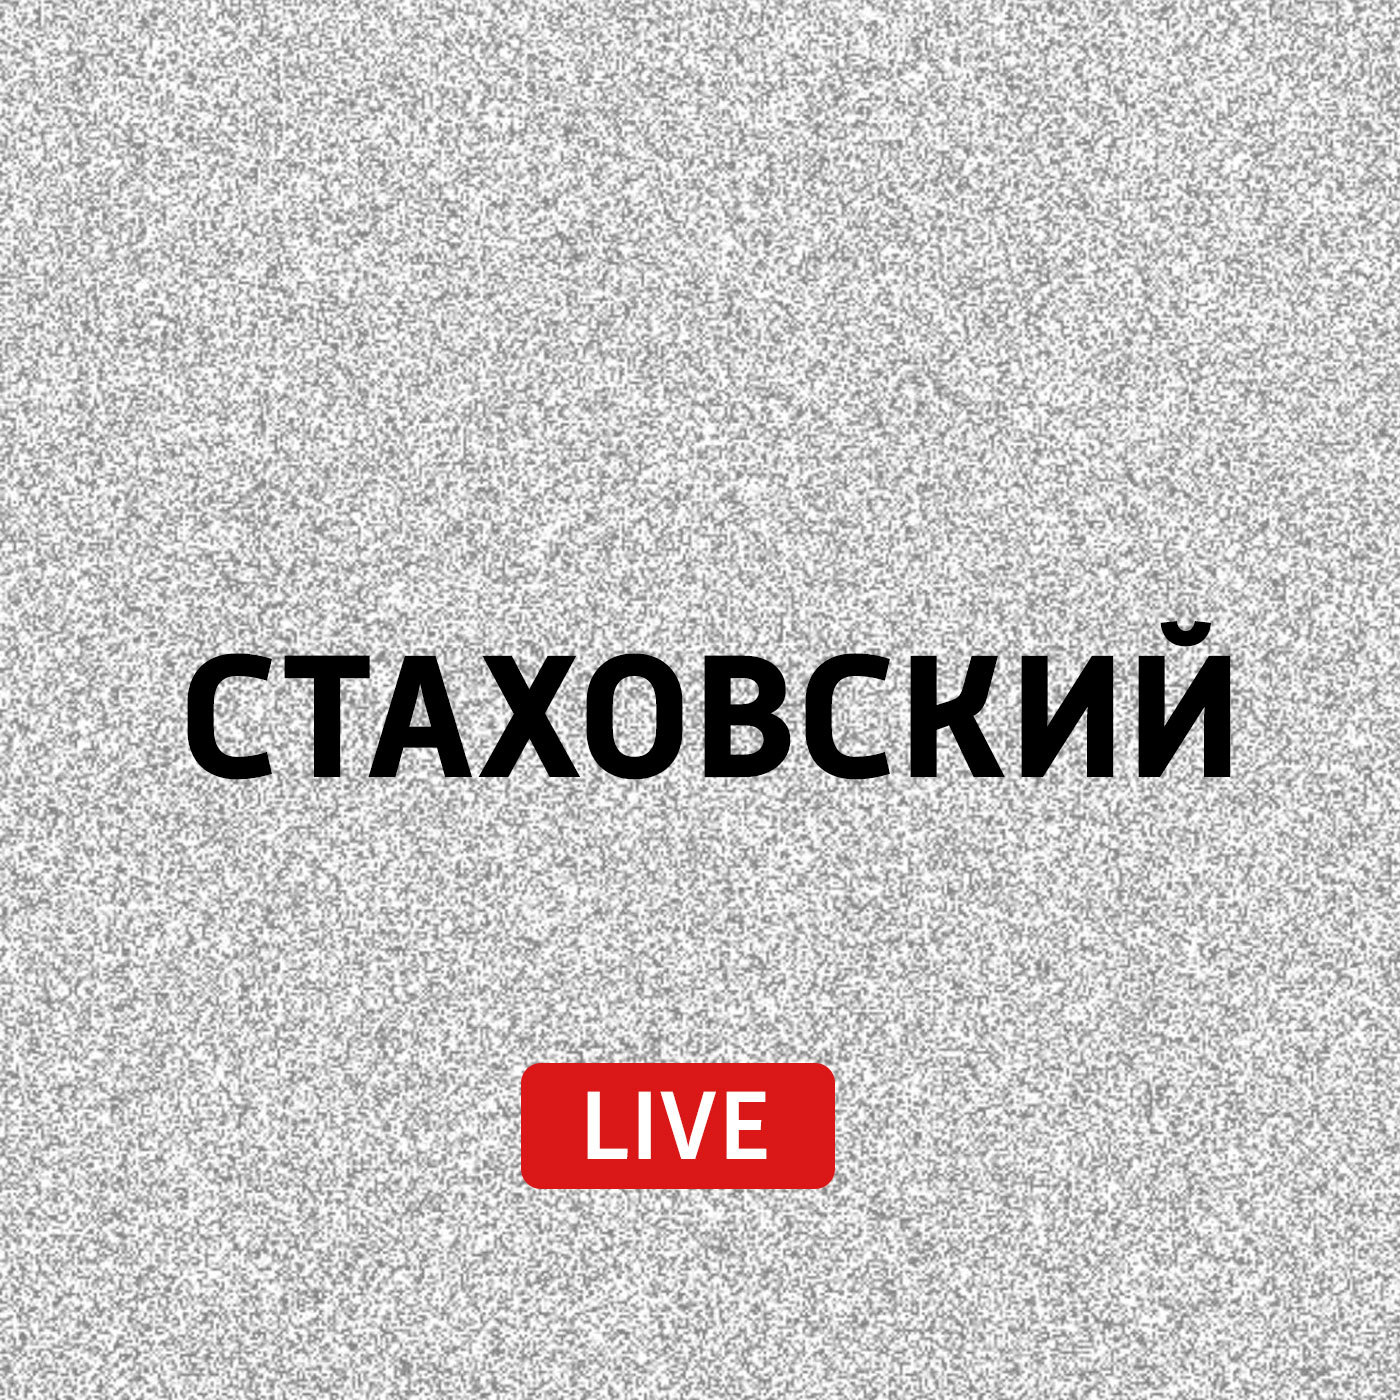 Евгений Стаховский Стаховский LIVE. Анонс евгений стаховский история джека потрошителя